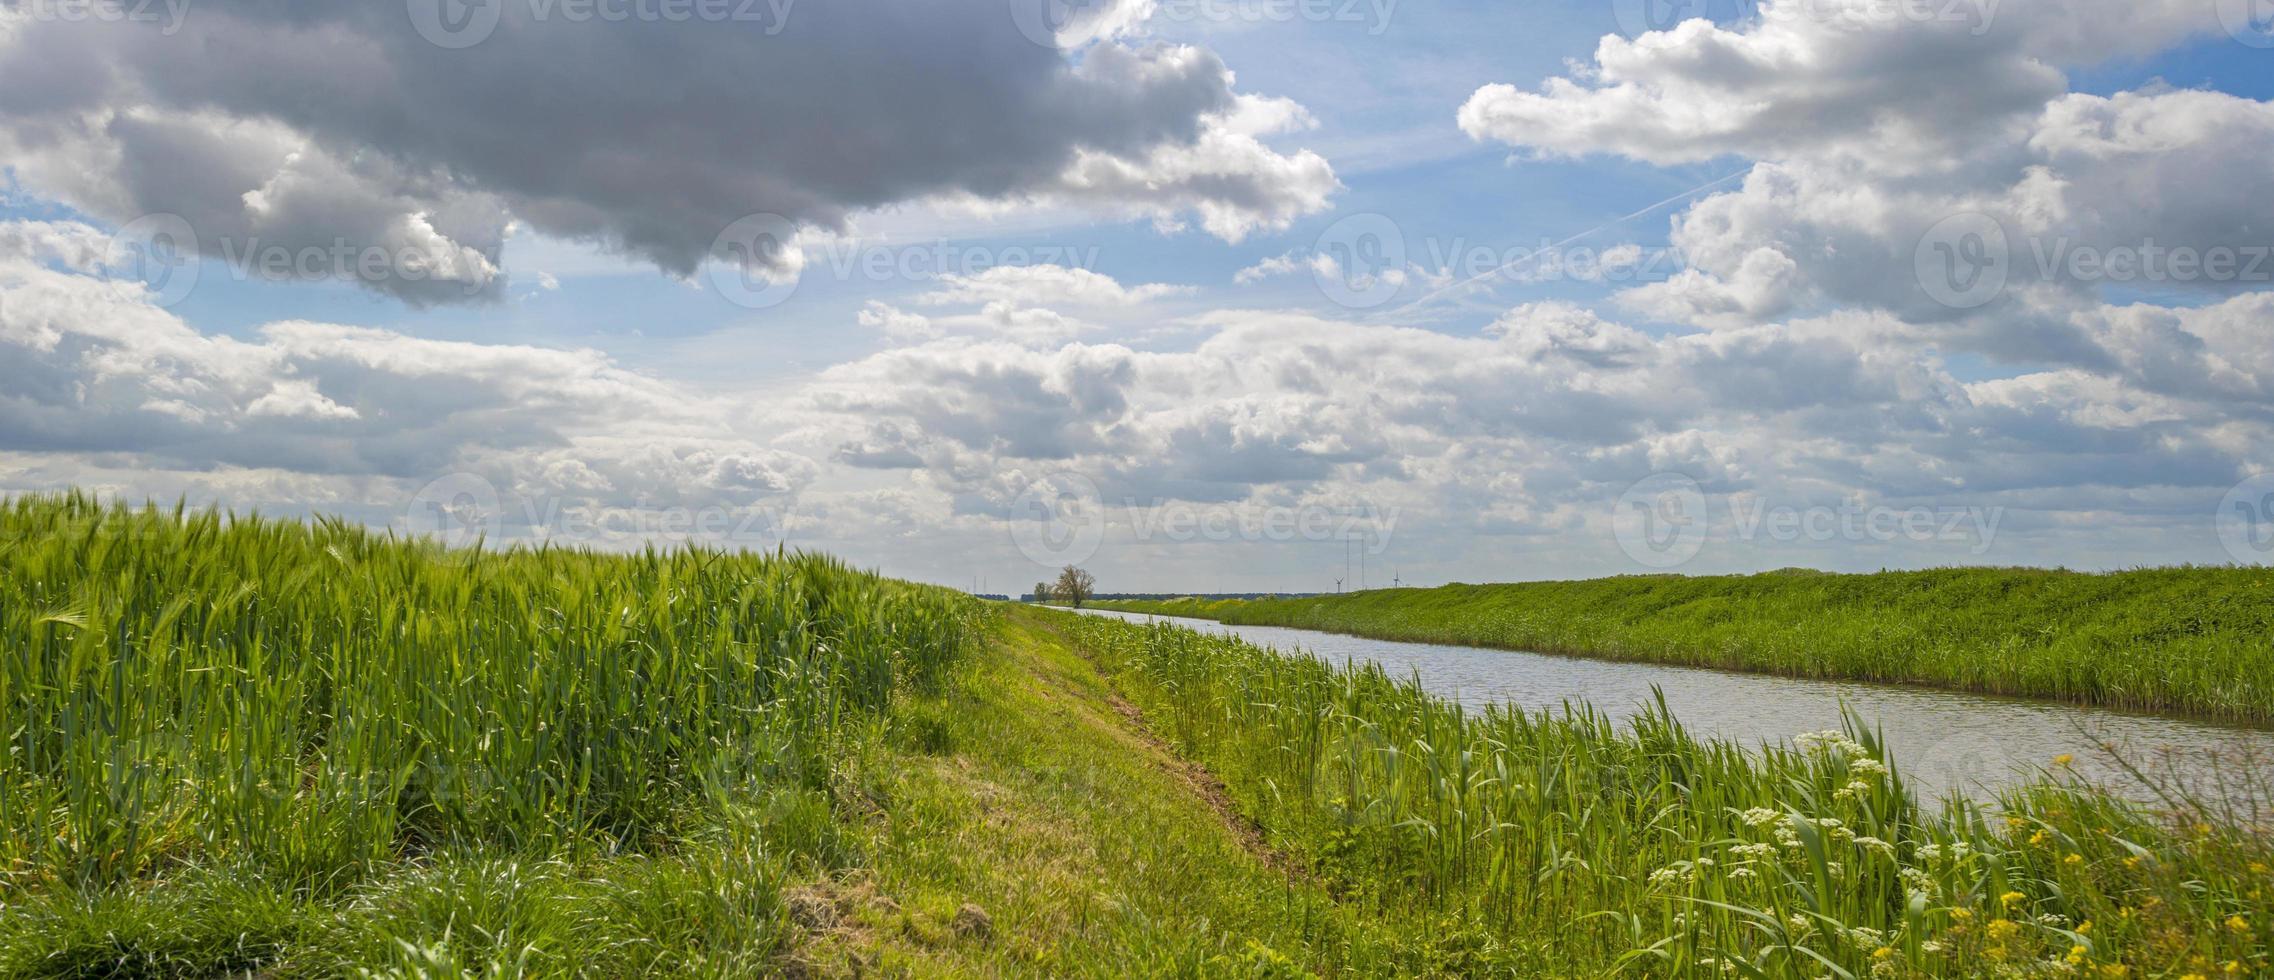 groene tarwe groeit op een zonnig veld in het voorjaar foto